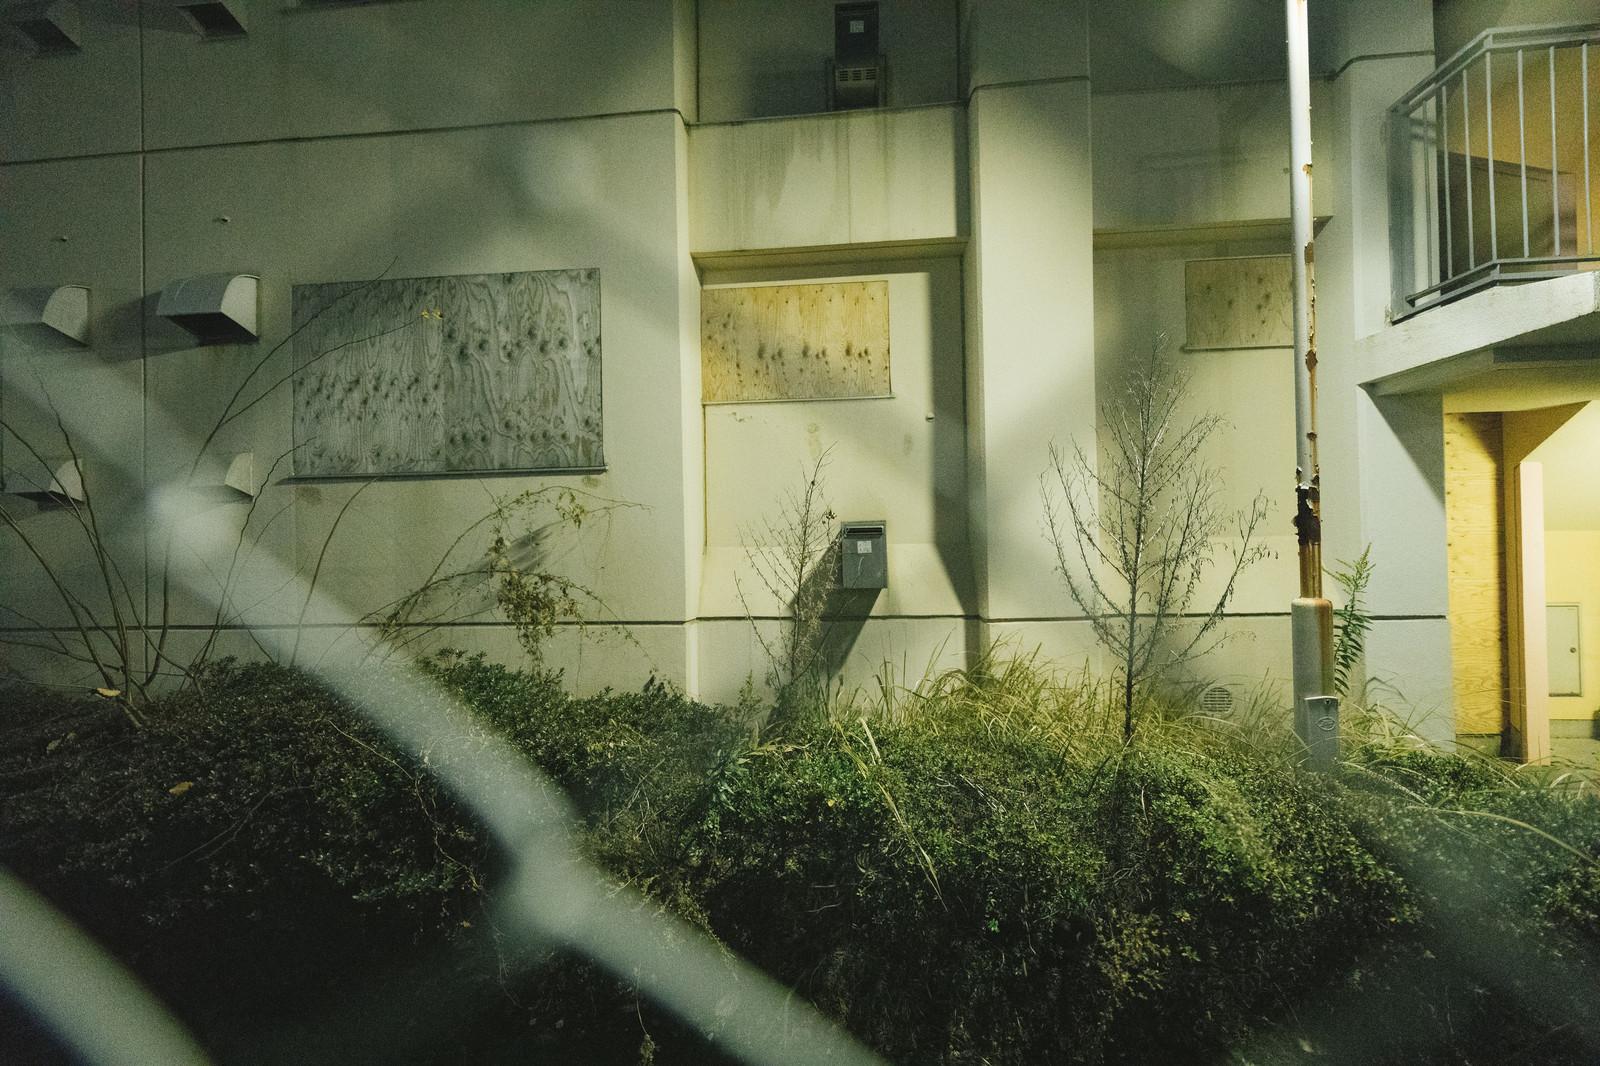 心霊 スポット 宮崎 宮崎県えびの市大河平の廃墟ホテル場所どこ?心霊スポットで肝試し中に遺体発見が怖すぎる!